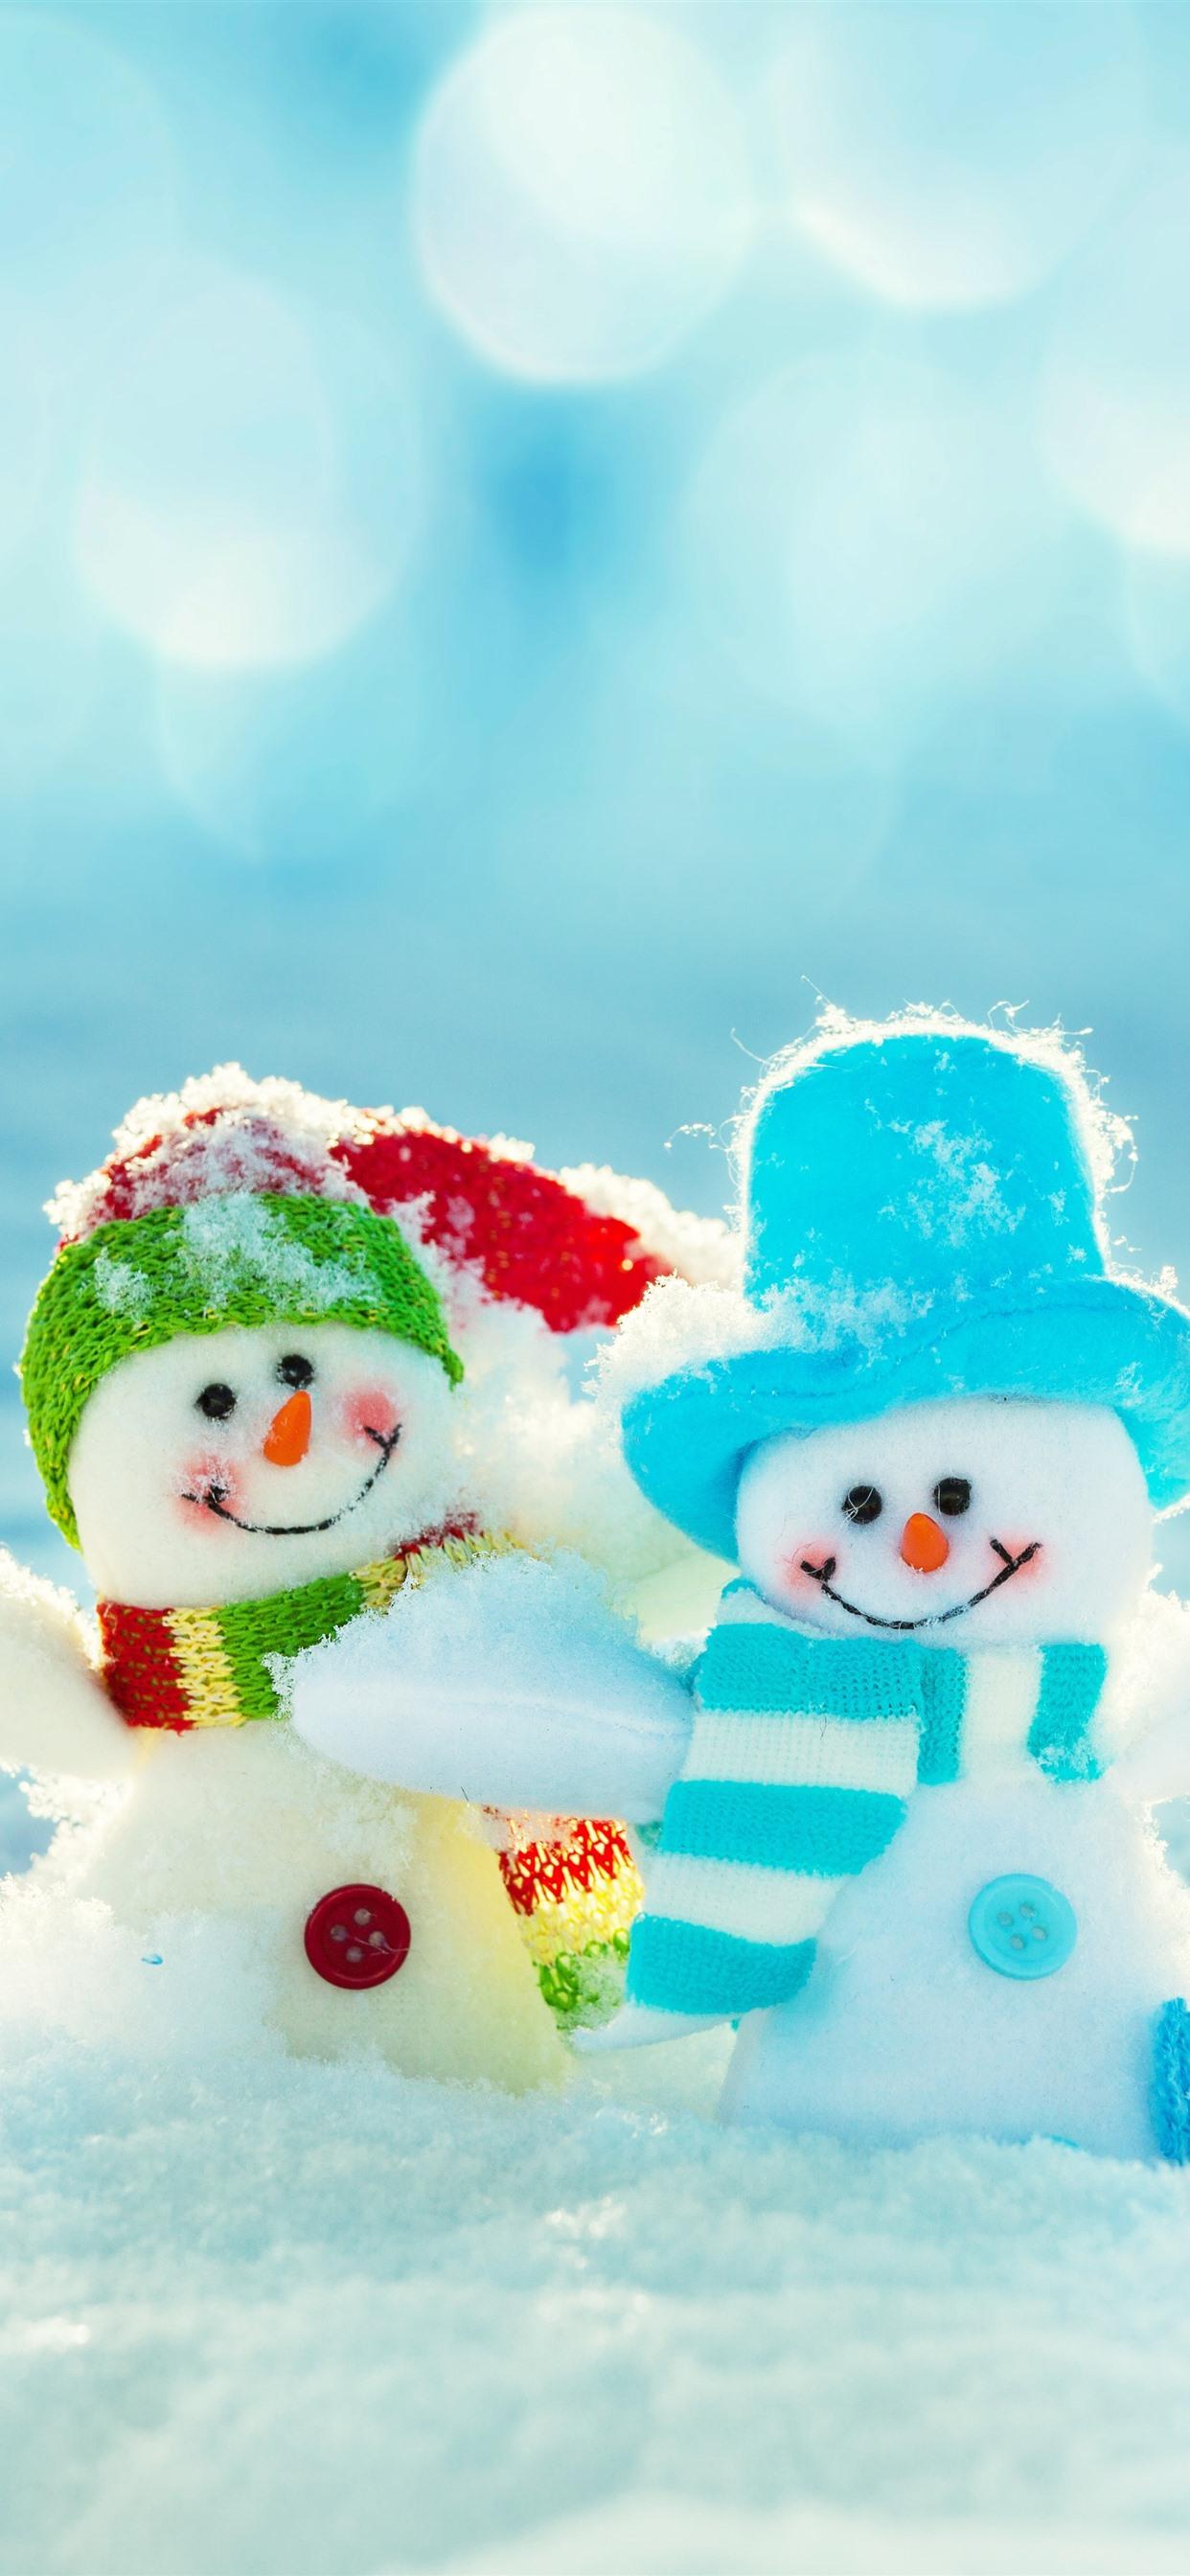 2つの雪だるま おもちゃ 雪 冬 1242x2688 Iphone 11 Pro Xs Max